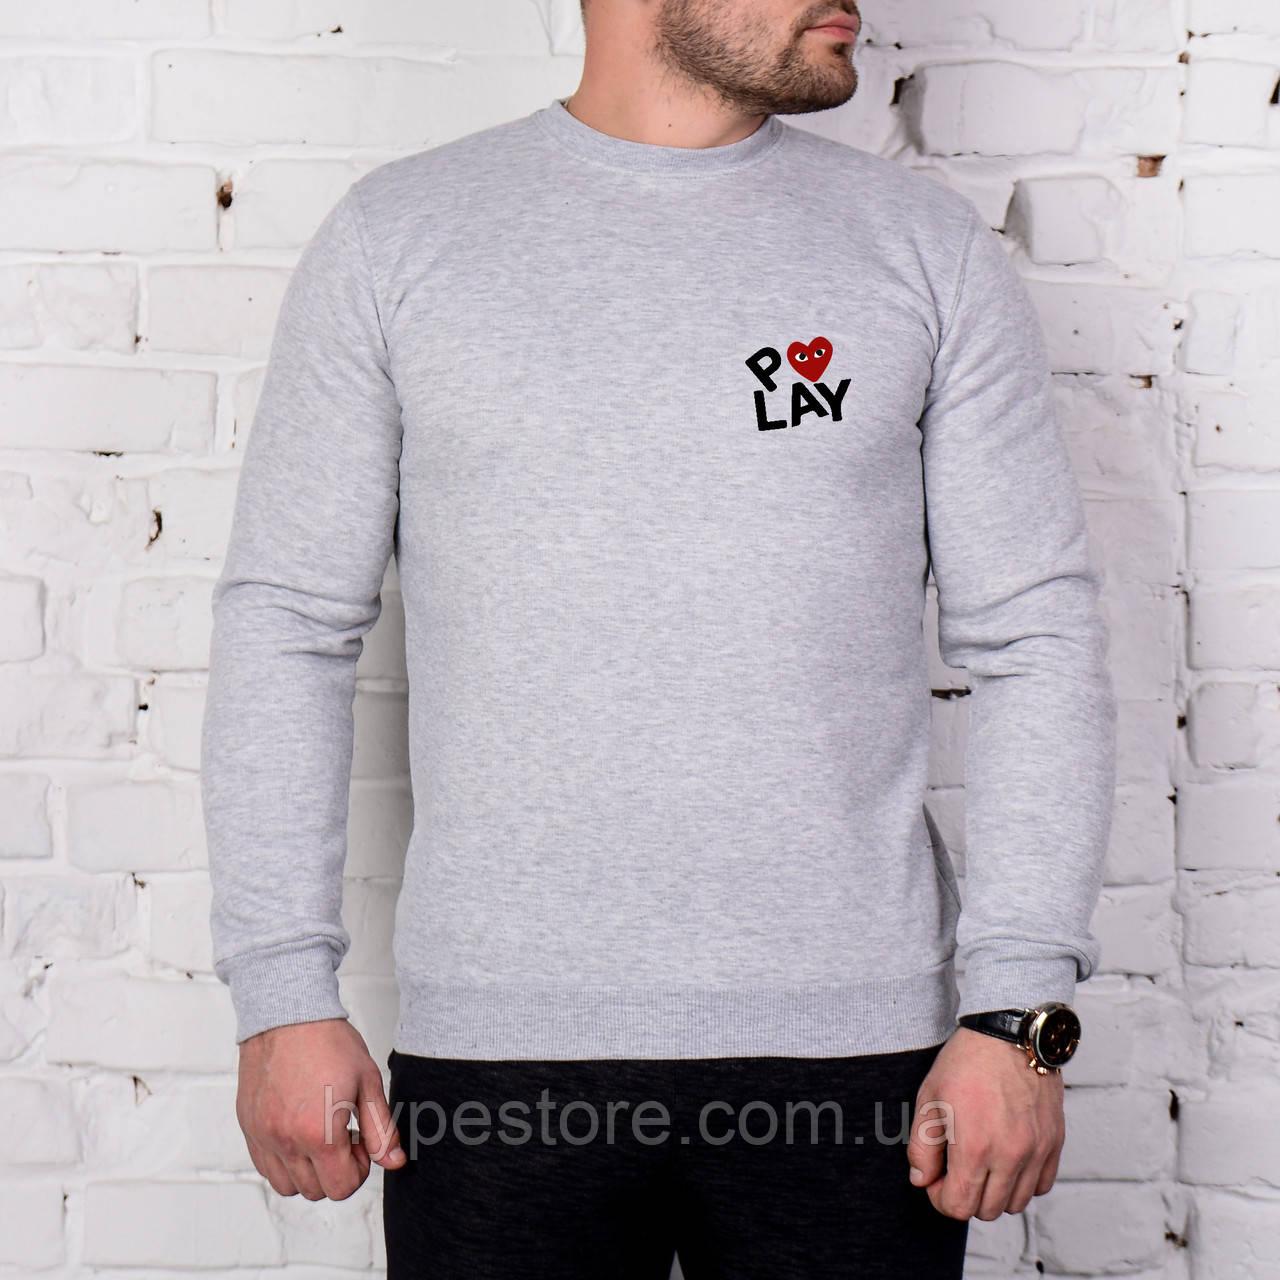 Мужской спортивный серый свитшот, кофта, лонгслив, реглан Comme Des Garcons (маленький лого), Реплика